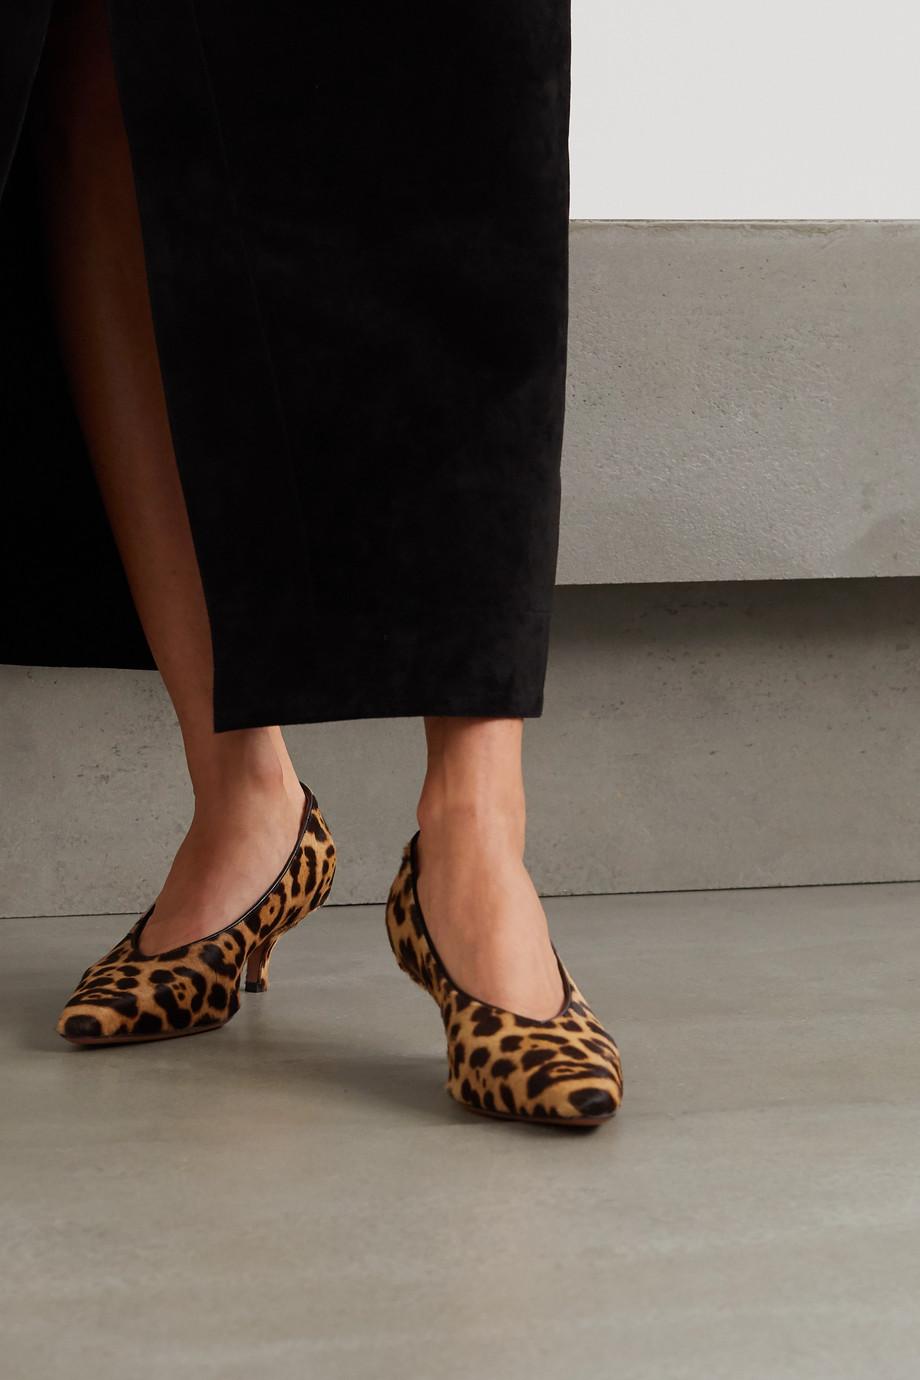 Alaïa Escarpins en façon poulain à imprimé léopard et à finitions en cuir 55 mm